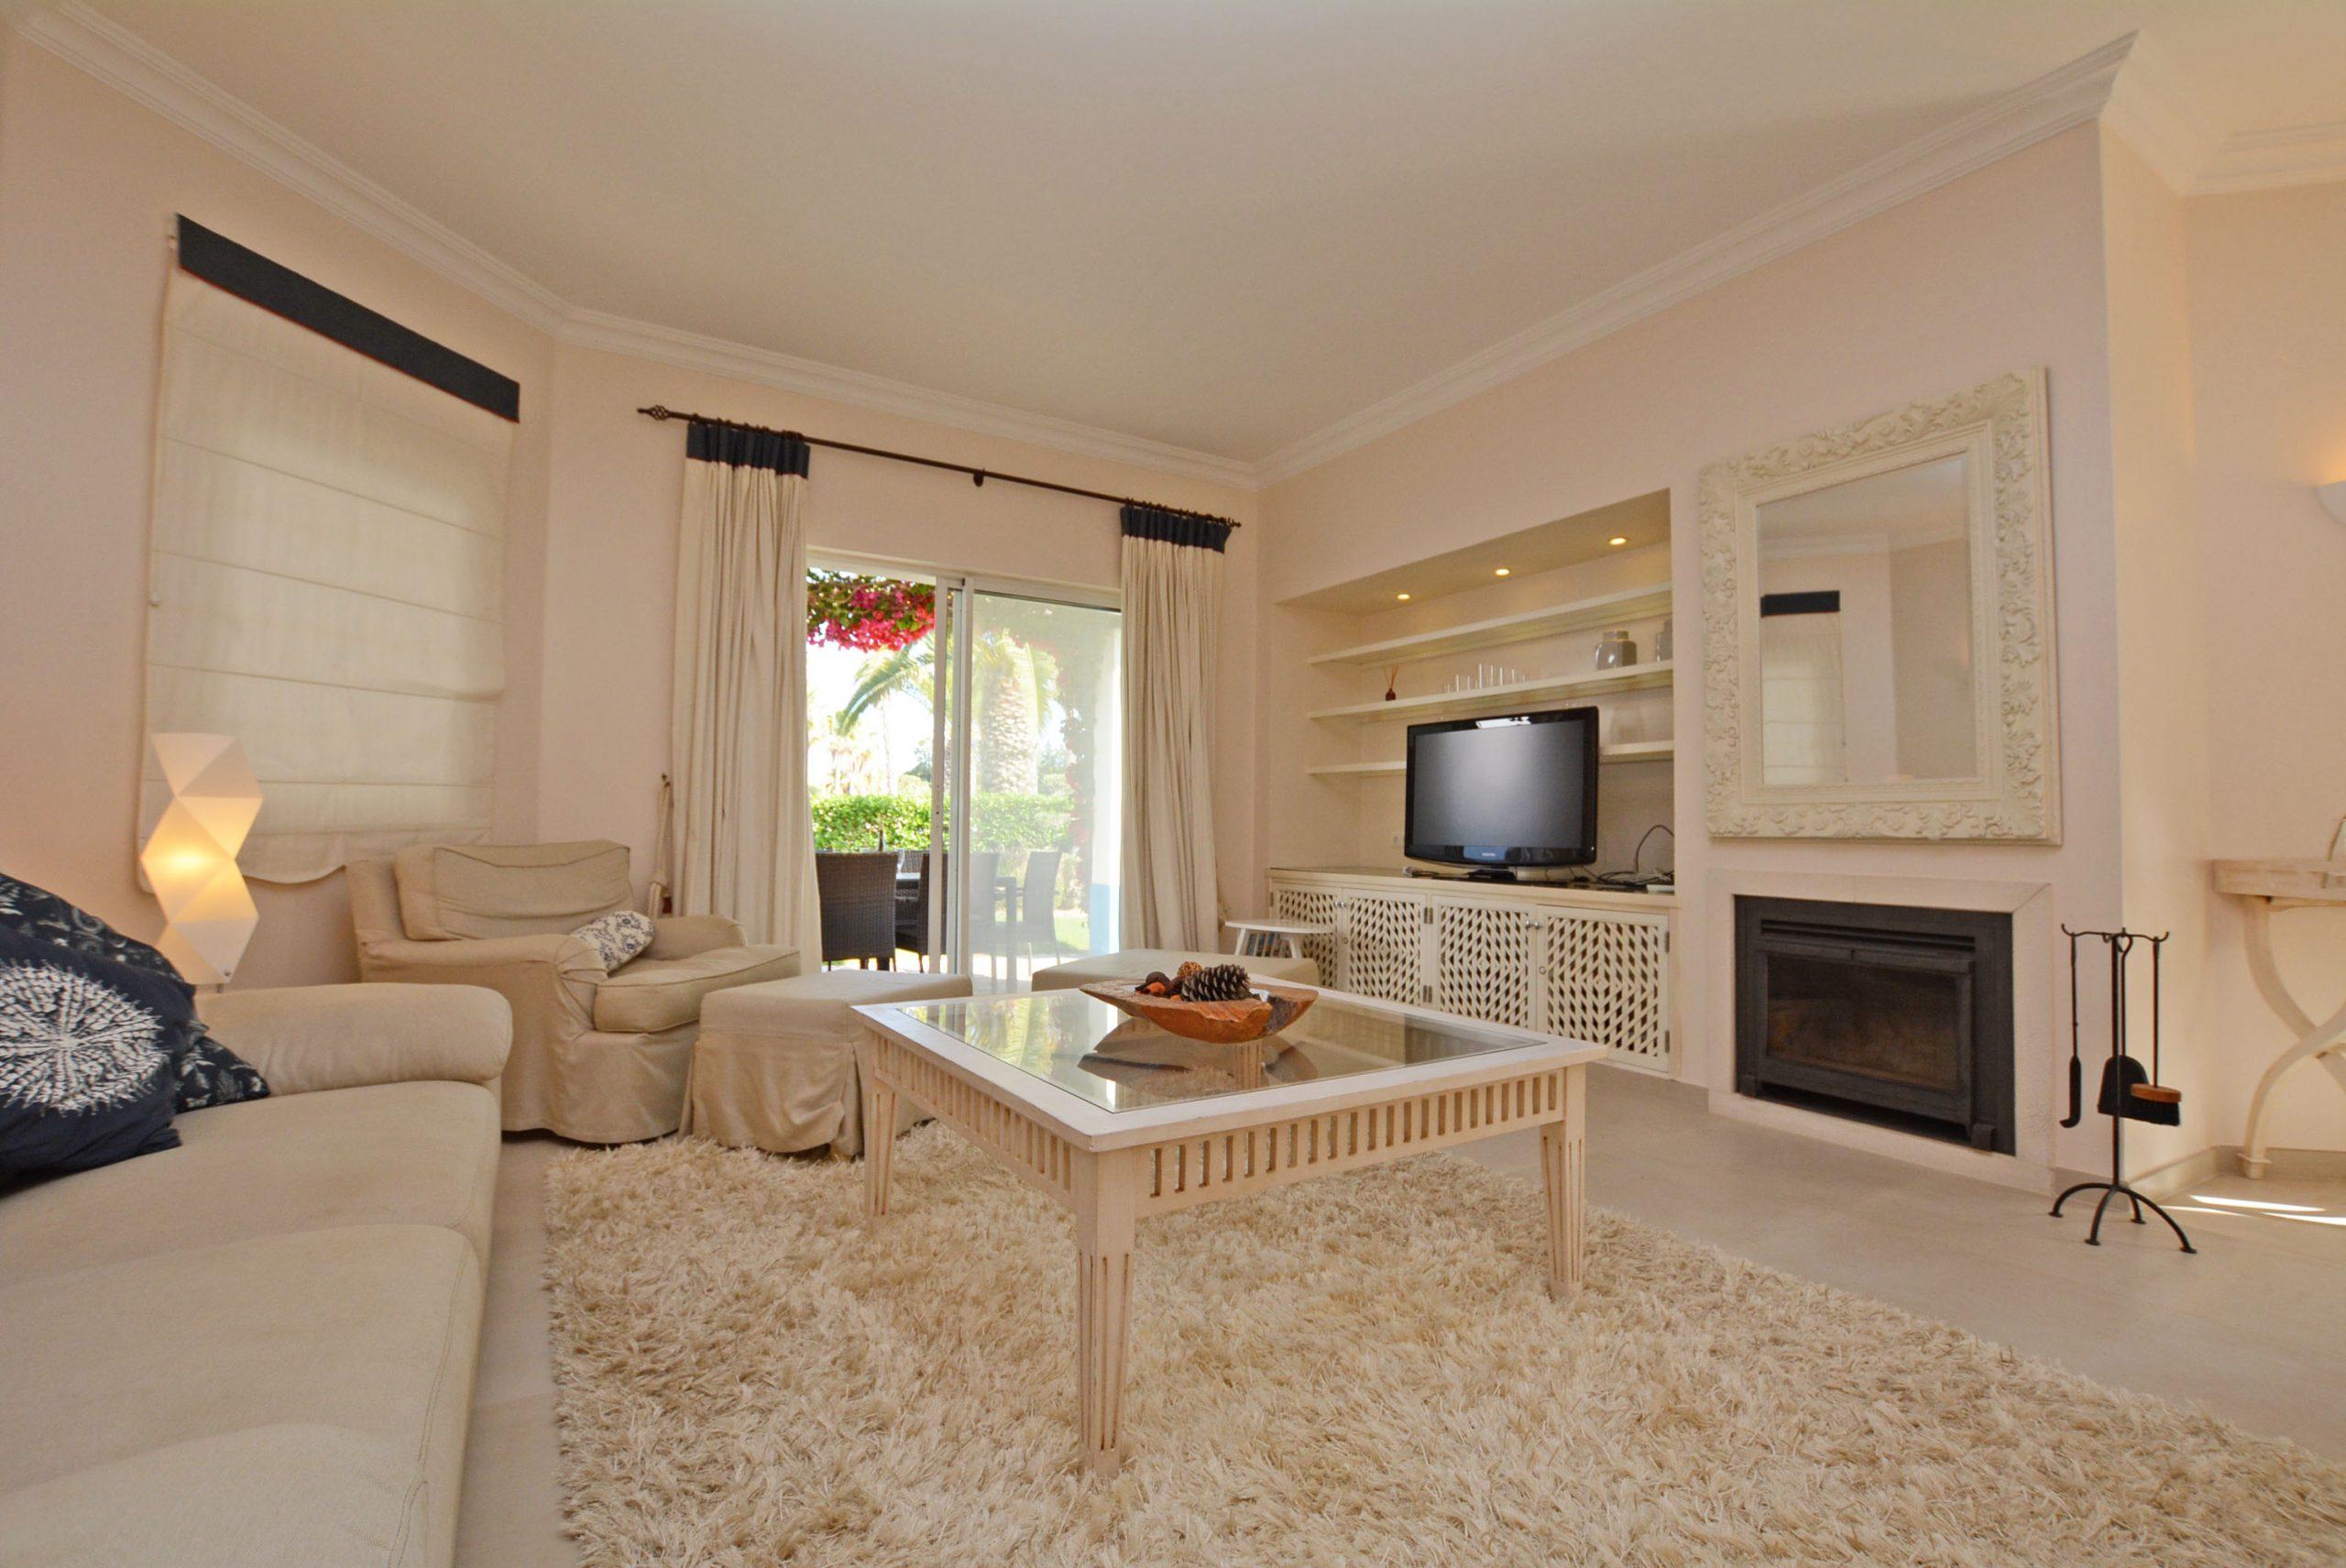 2 Bedroom Apartment for sale in Encosta do Lago, Quinta do Lago (5)